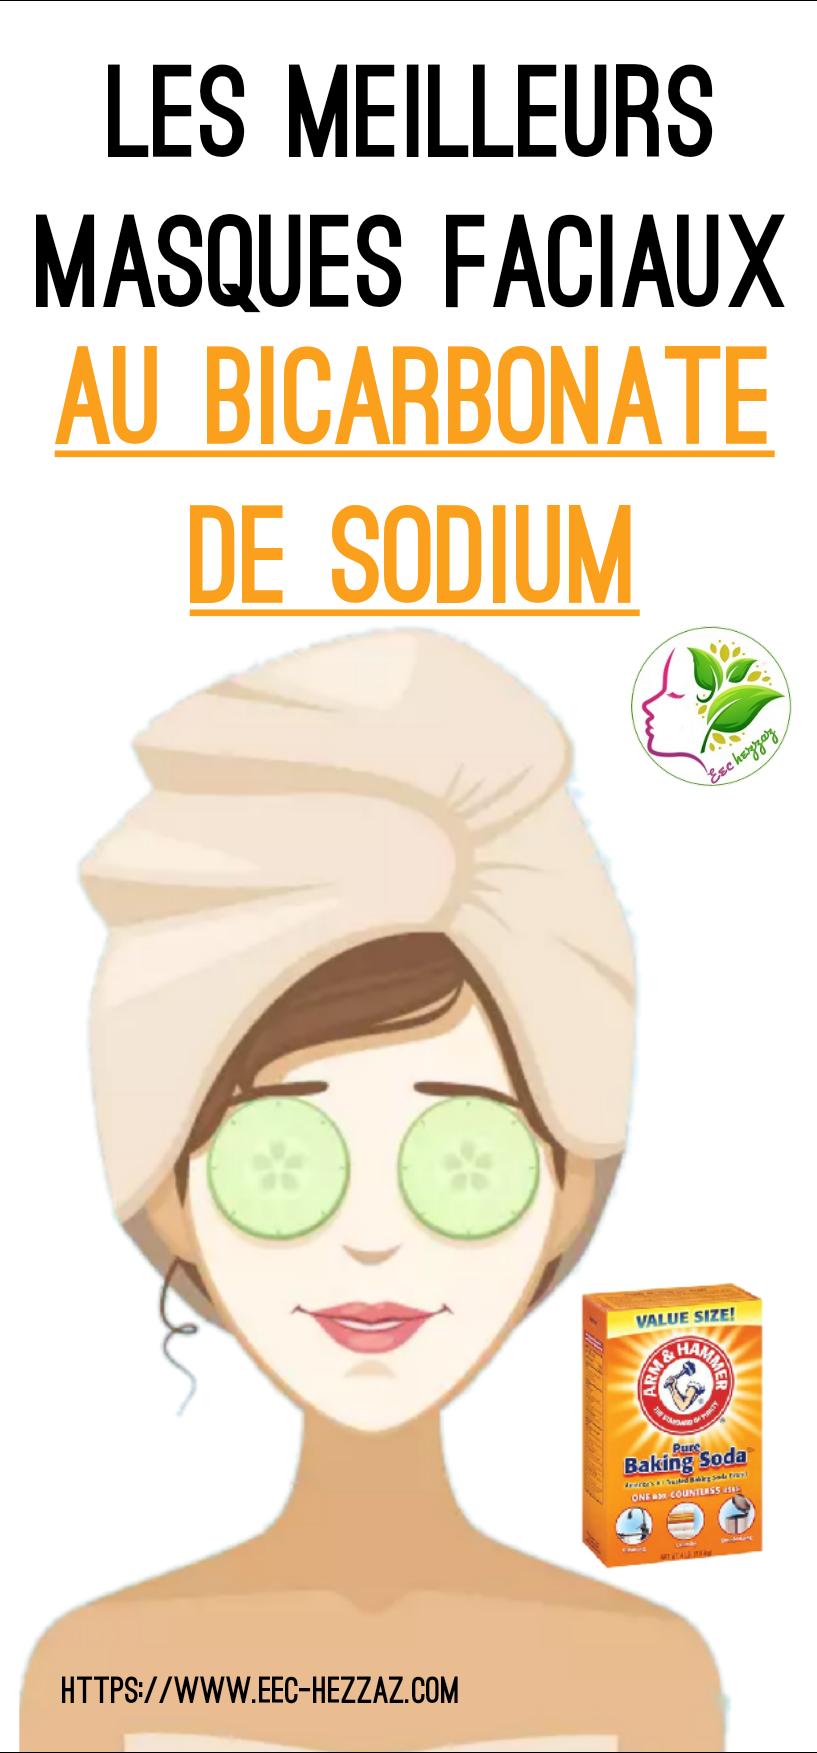 Les meilleurs masques faciaux au bicarbonate de sodium